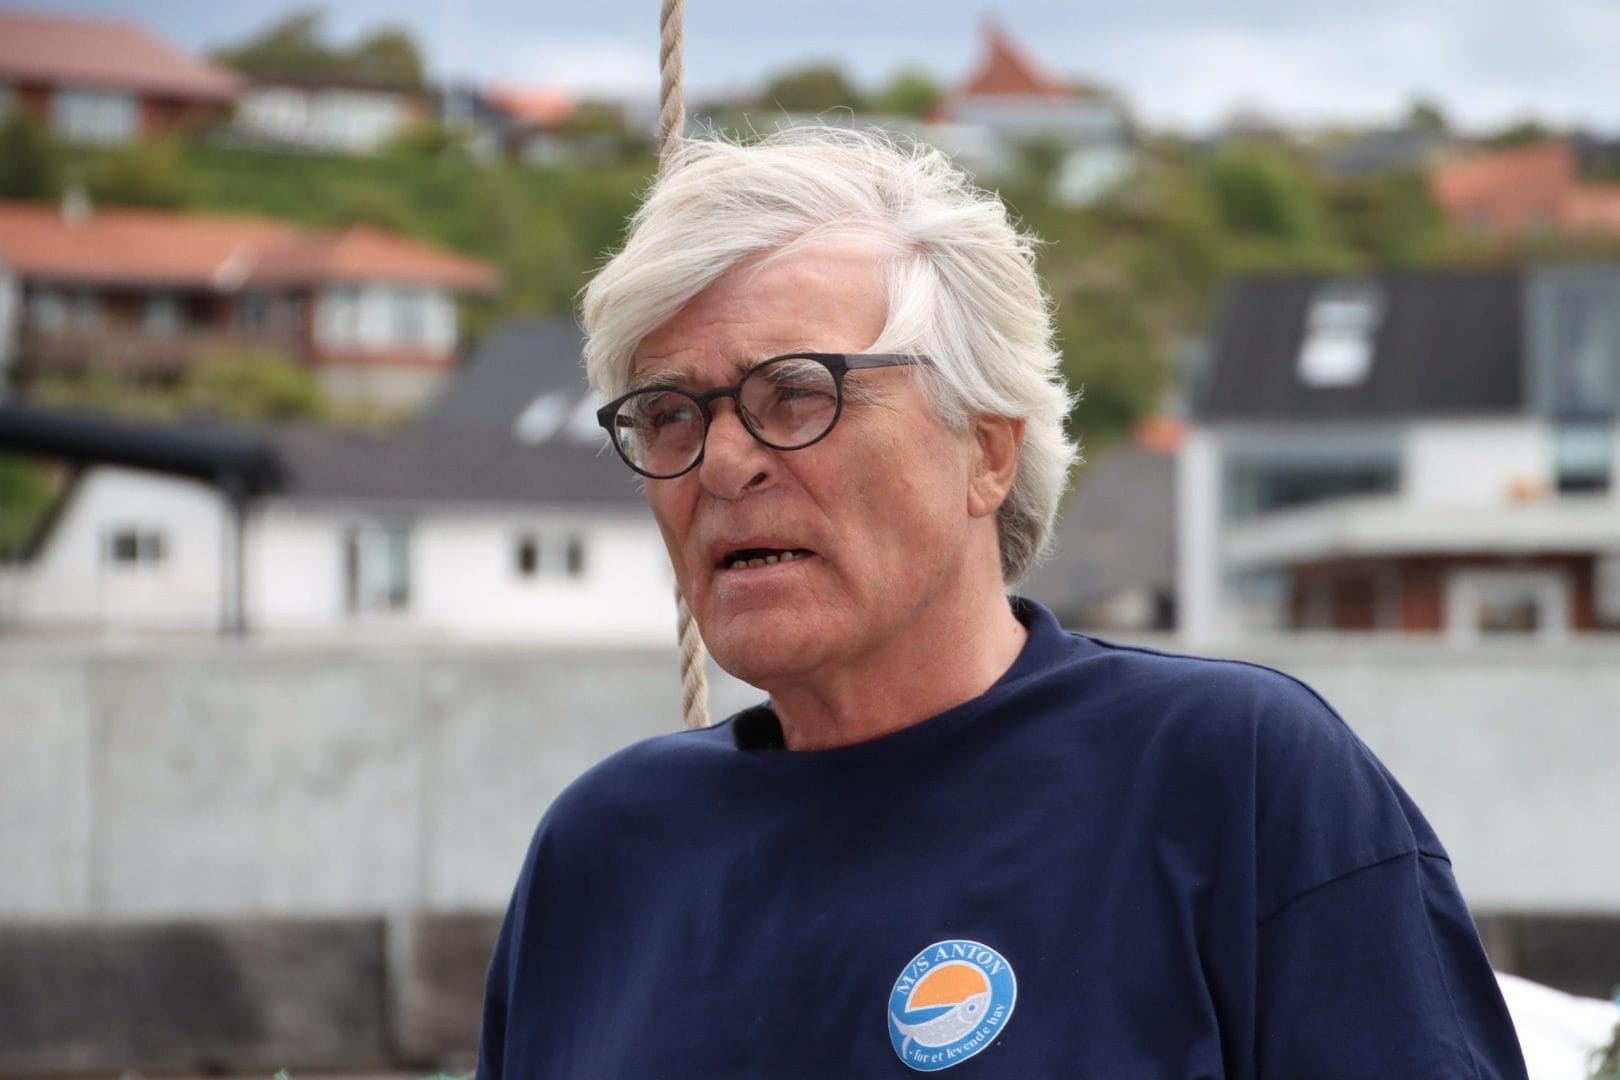 Kurt Svennevig Christensen